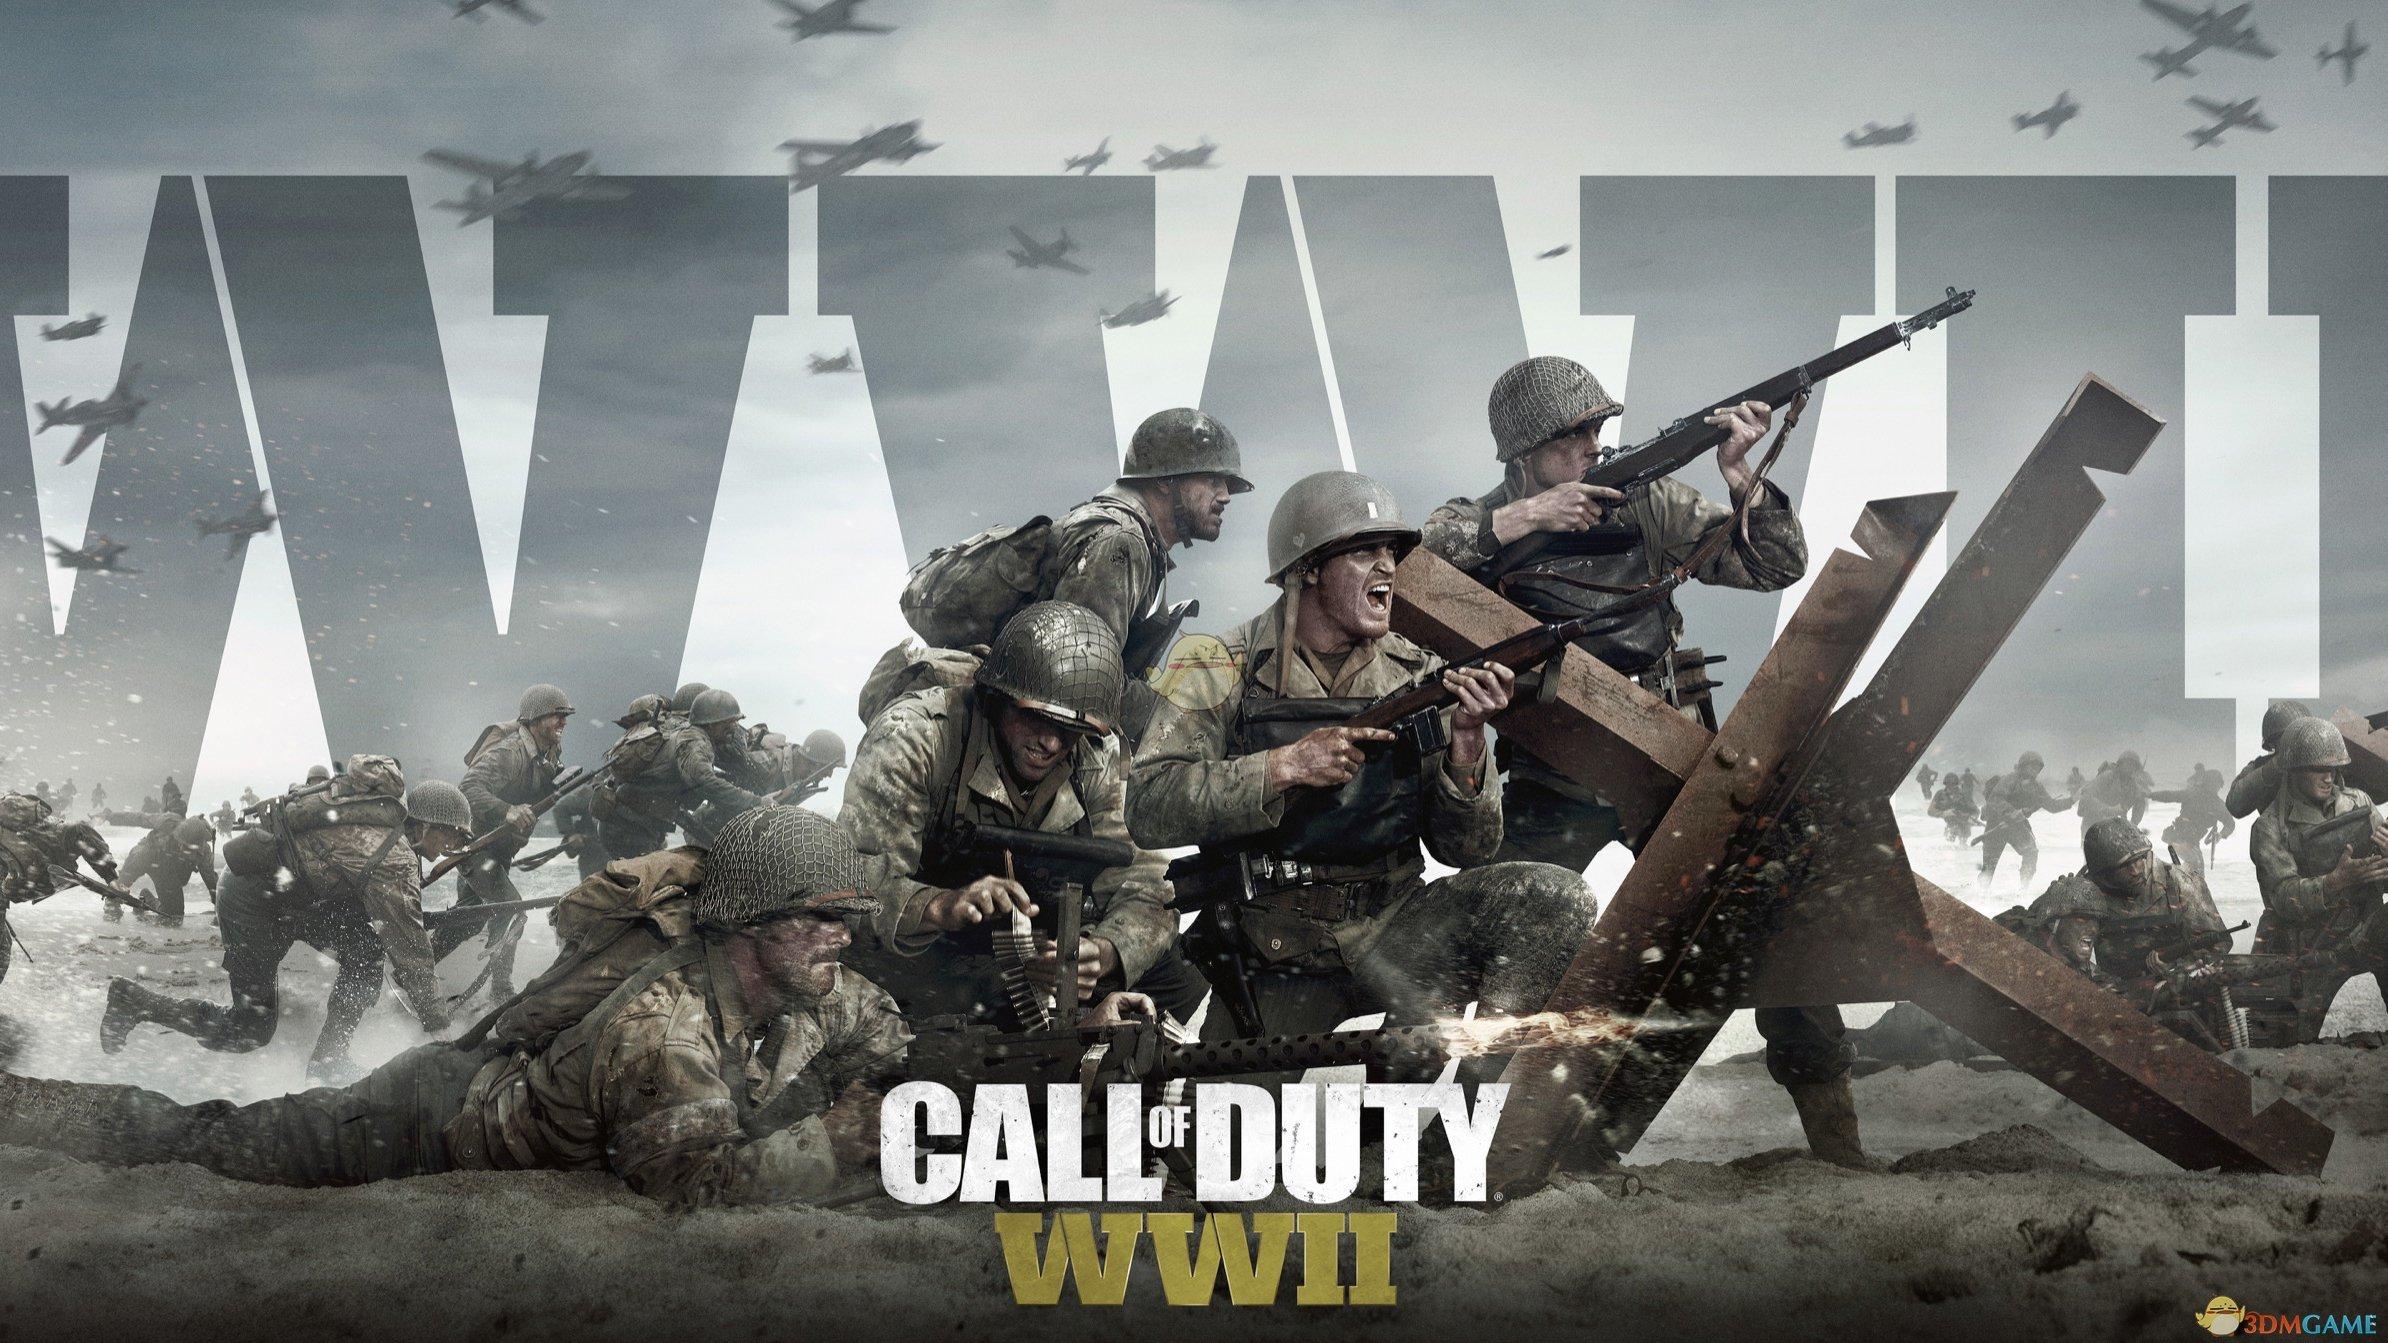 《使命召唤14:二战》僵尸模式玩法通关流程介绍